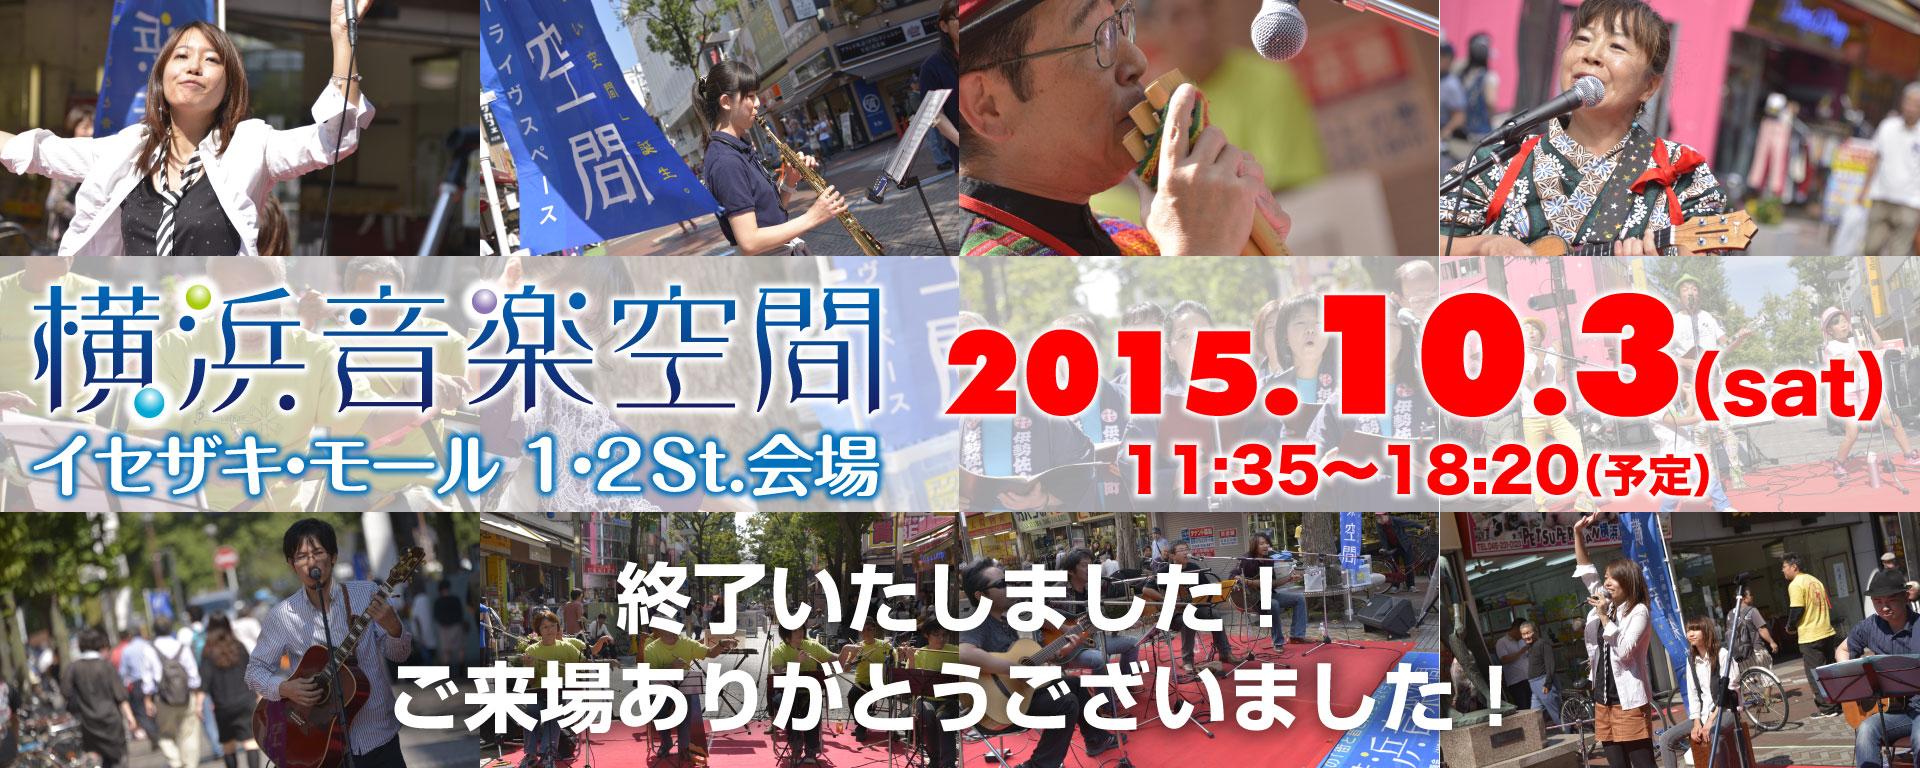 横浜音楽空間2015